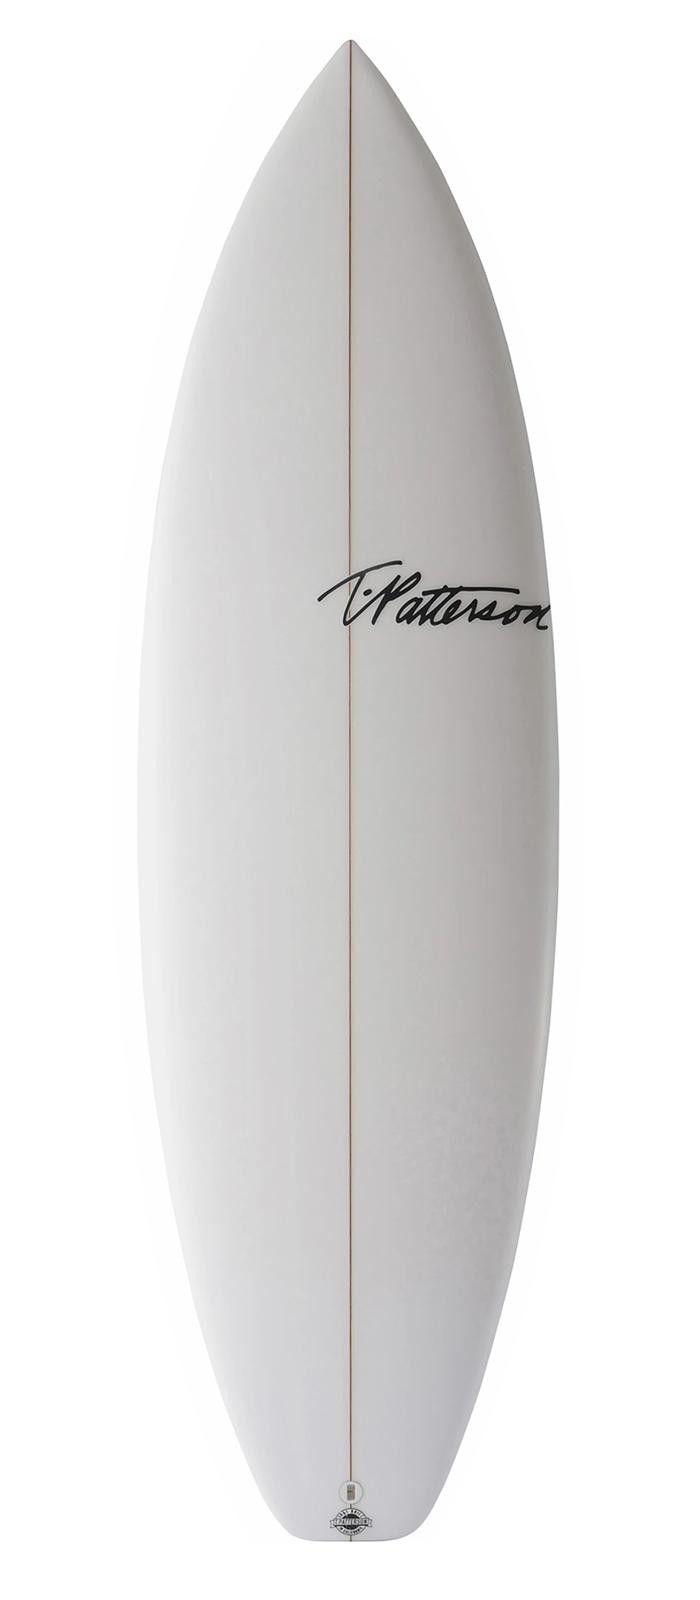 THE SPUD surfboard model